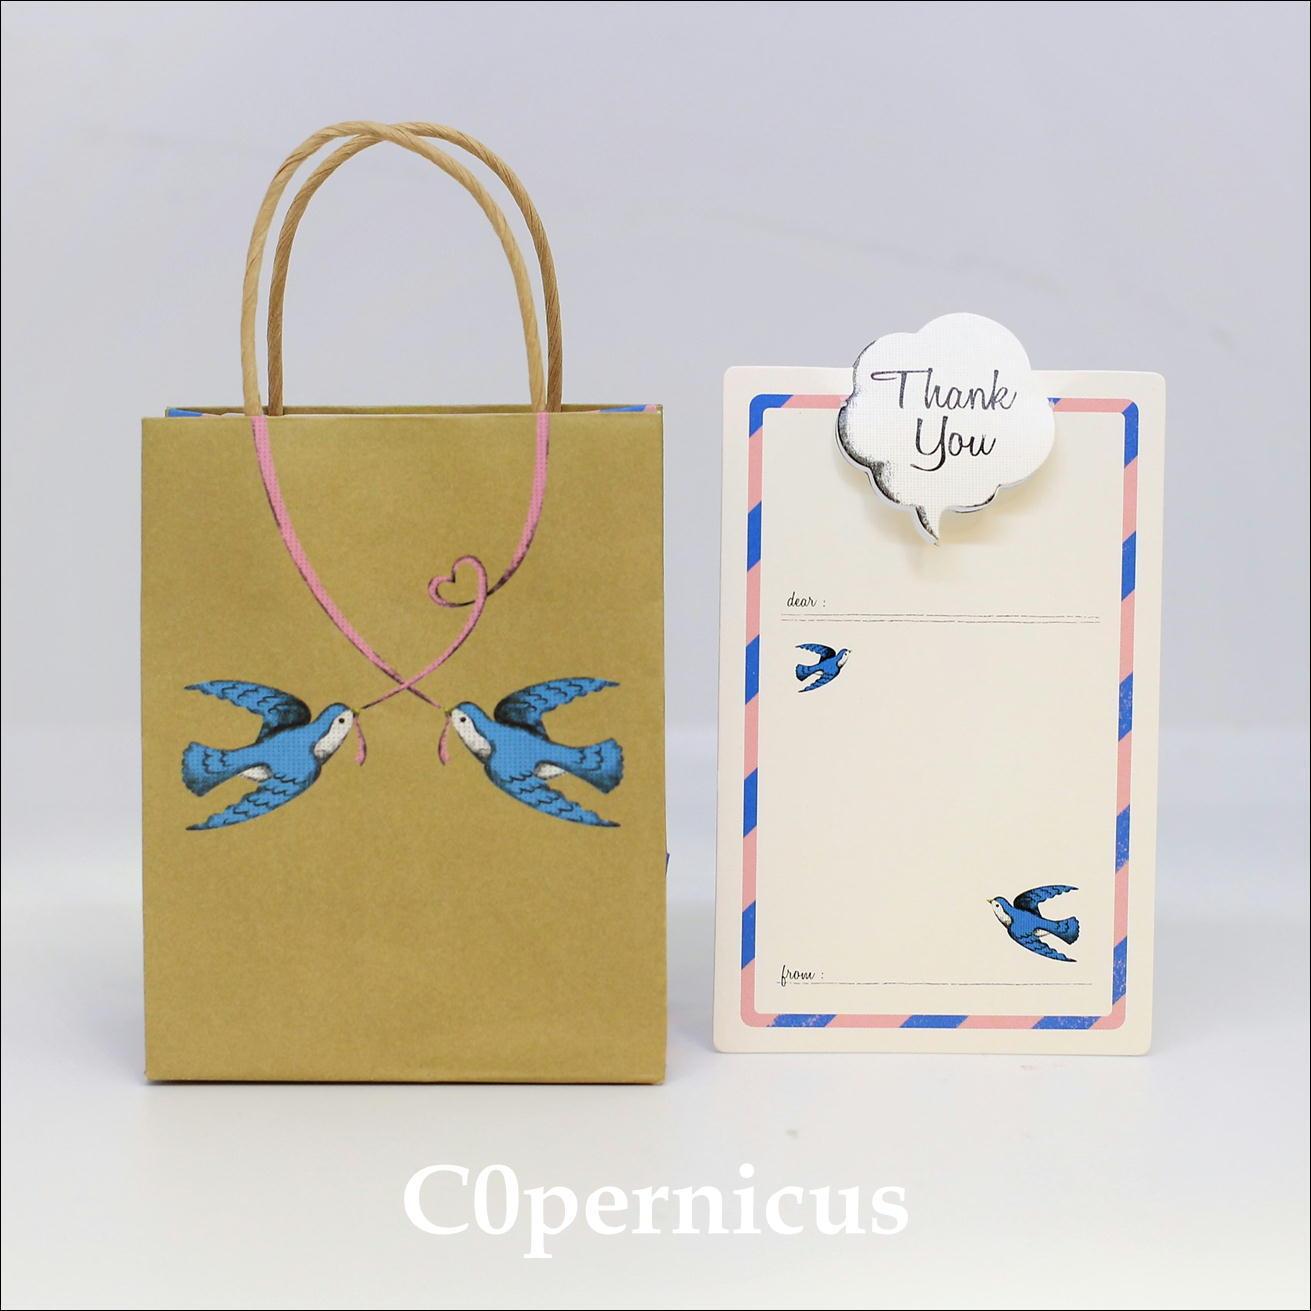 メッセージカード/紙袋/ギフト袋 (はと)web限定価格浜松雑貨屋 C0pernicus  便箋・紙袋レターセット